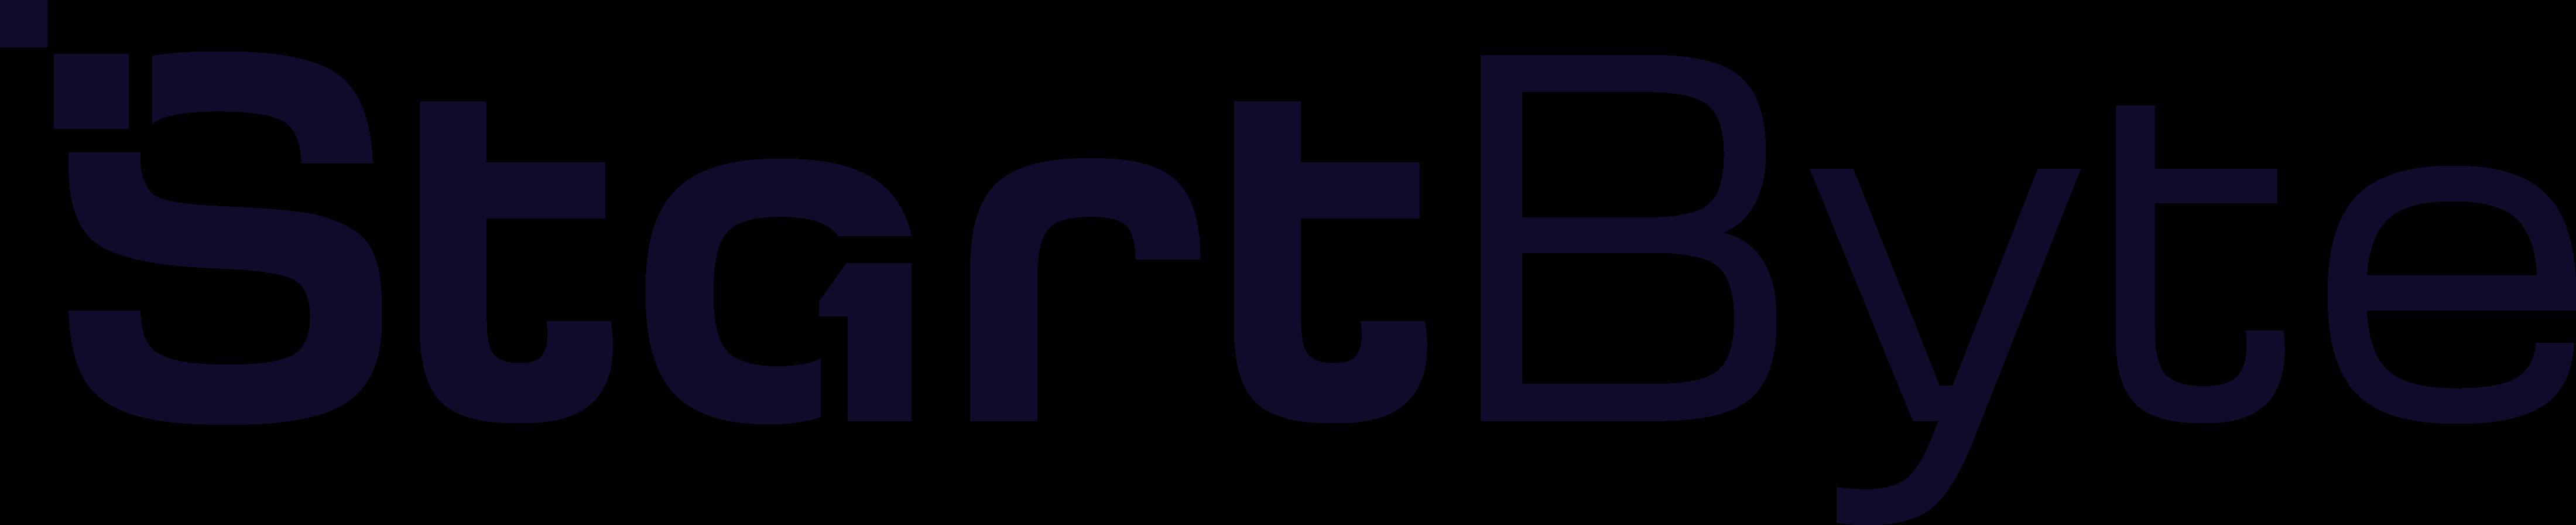 StartByte UG (haftungsbeschränkt)